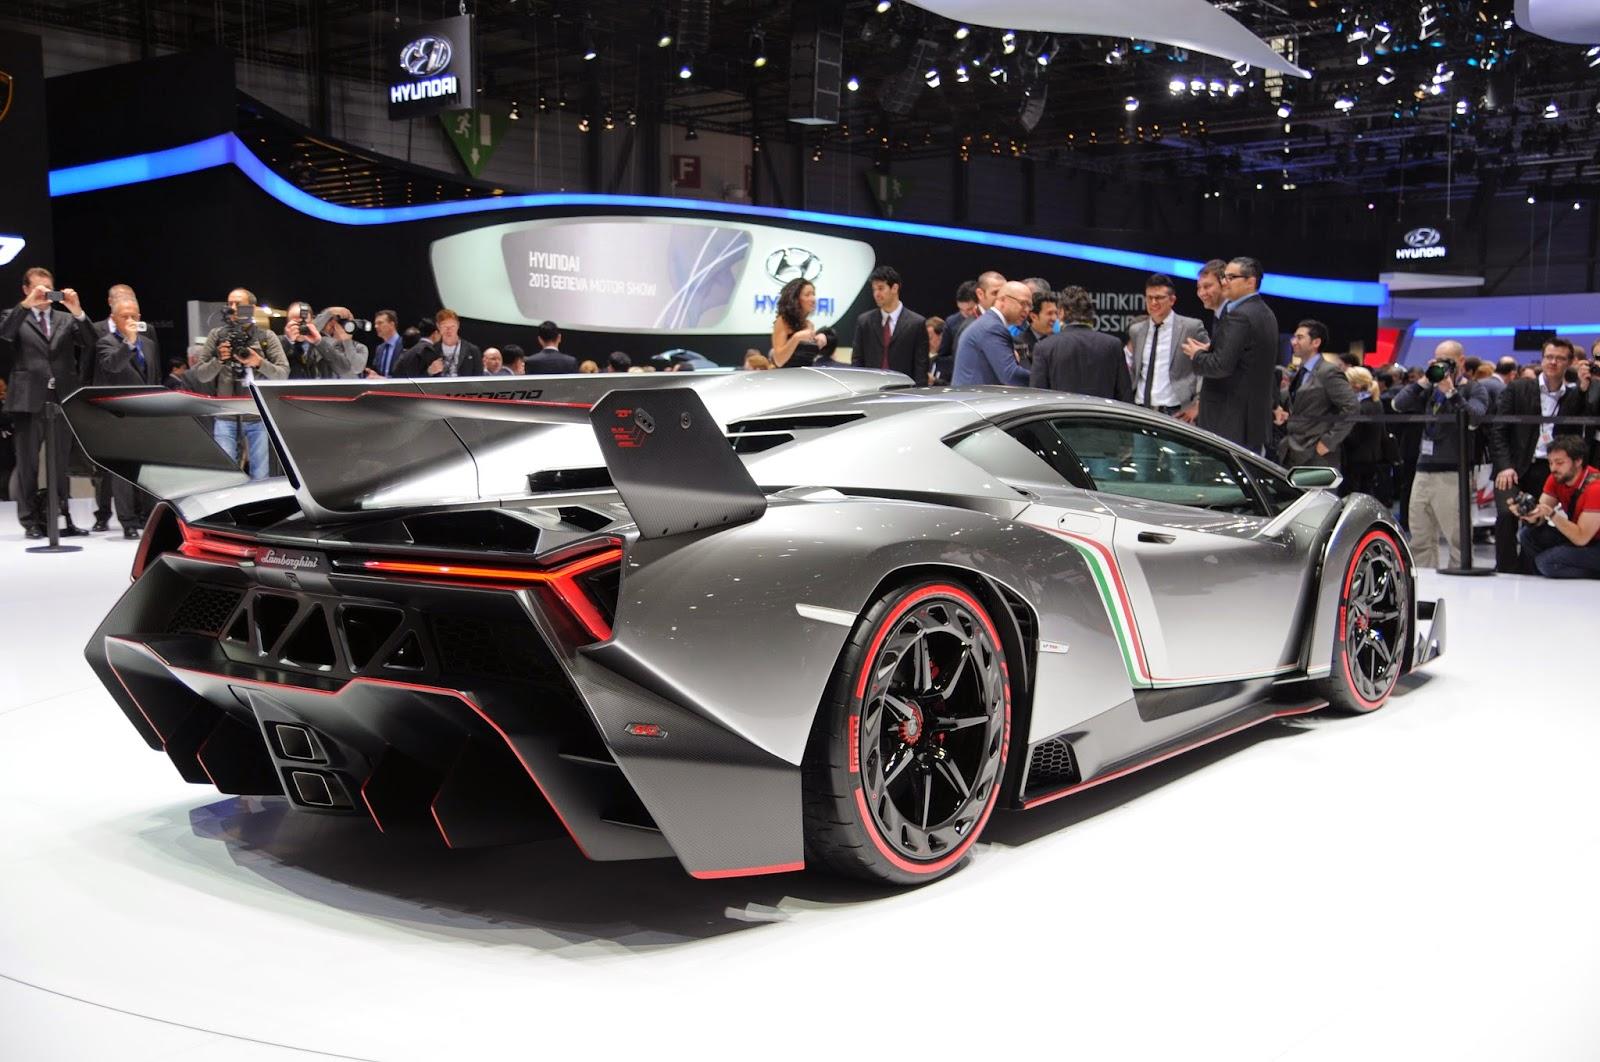 Car and Motorcycle: Lamborghini sesto elemento Amazing Power To ...